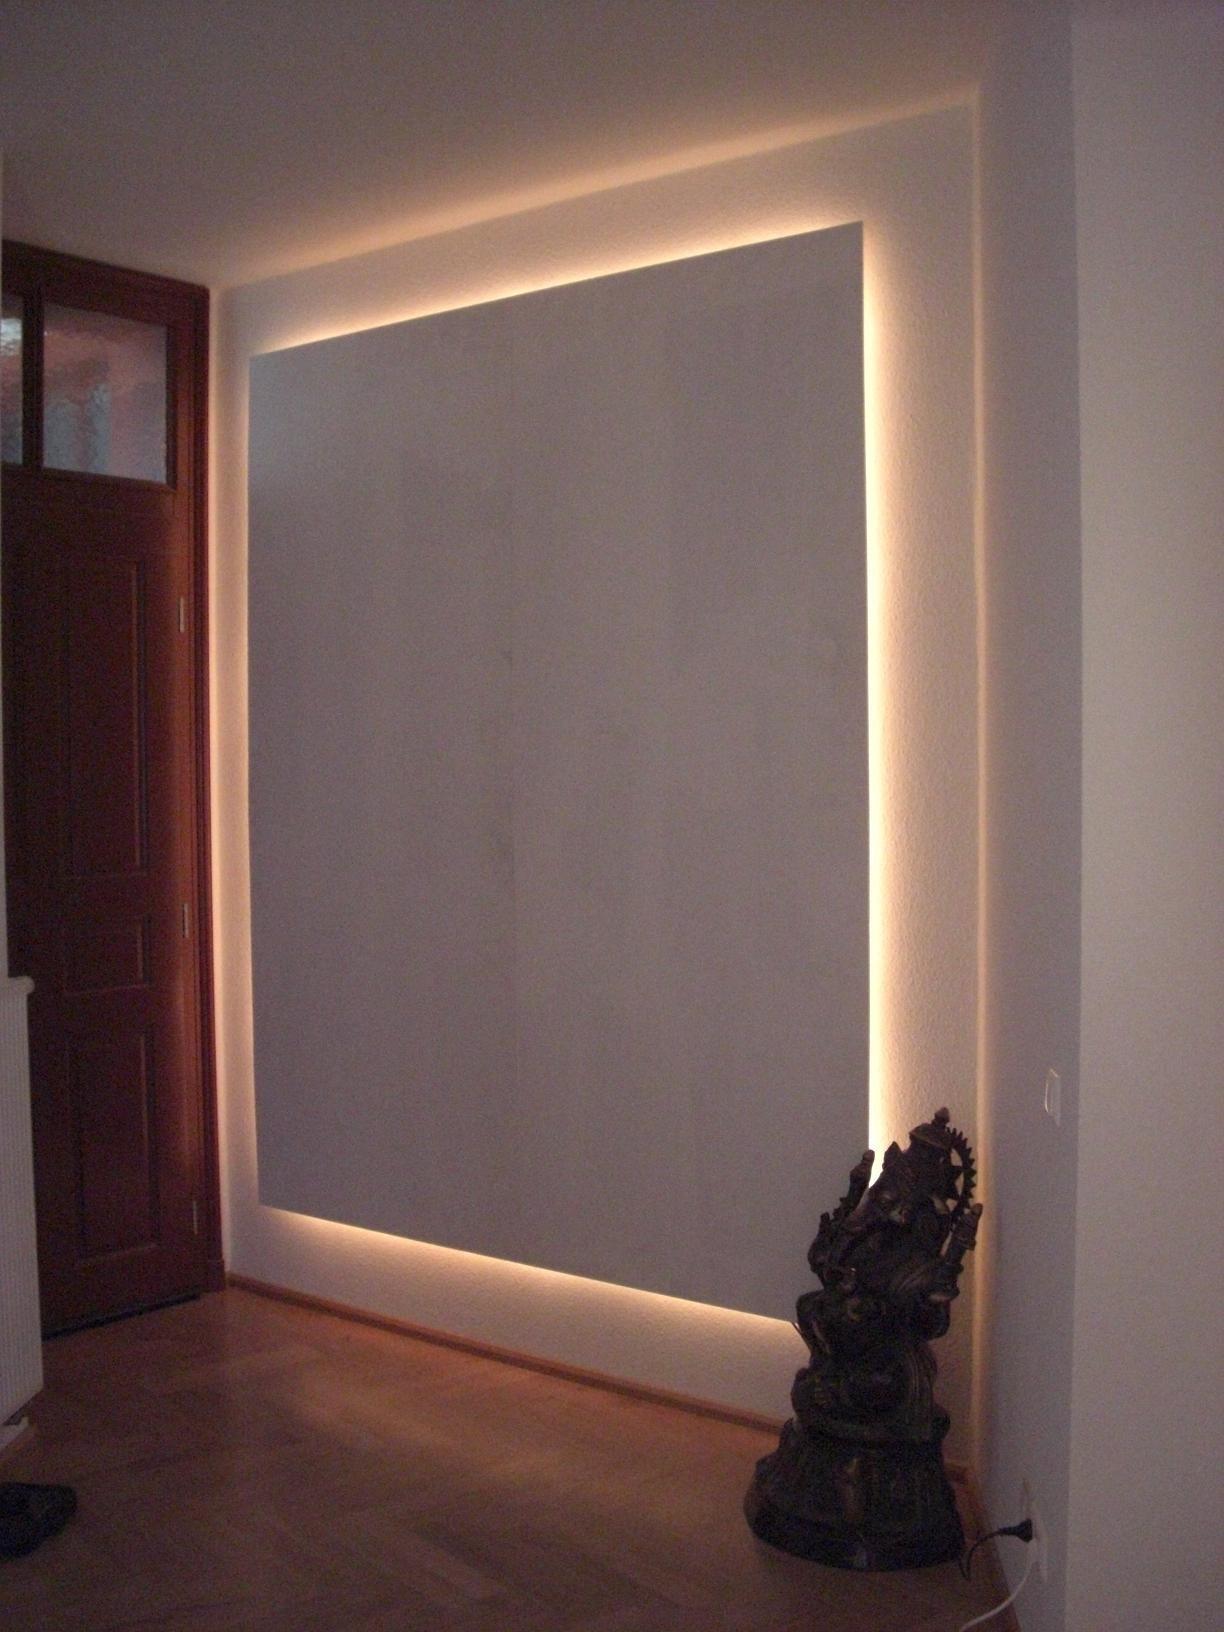 Galerie Kategorie Indirekte Beleuchtung Mit Mustertapete Beleuchtung Wohnzimmer Indirekte Beleuchtung Wohnzimmer Beleuchtung